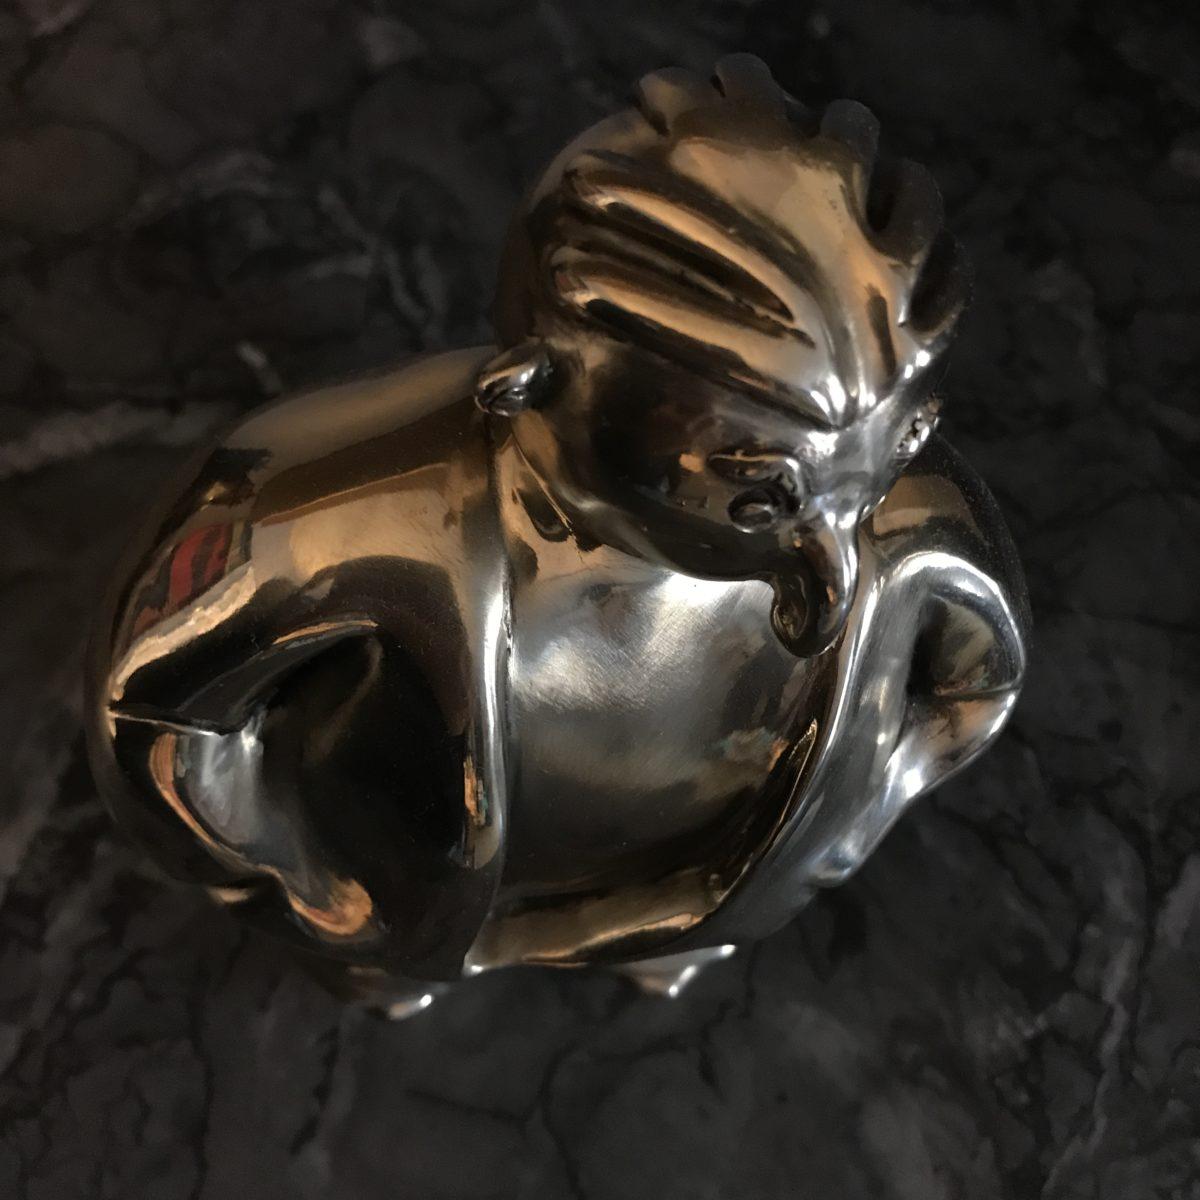 数ブラックブロンズモリーンに署名しました 金色 いくつかのブロンズシリーズ「レオン。」 割り当てられたBRefArtパリ。 真正の証明書。